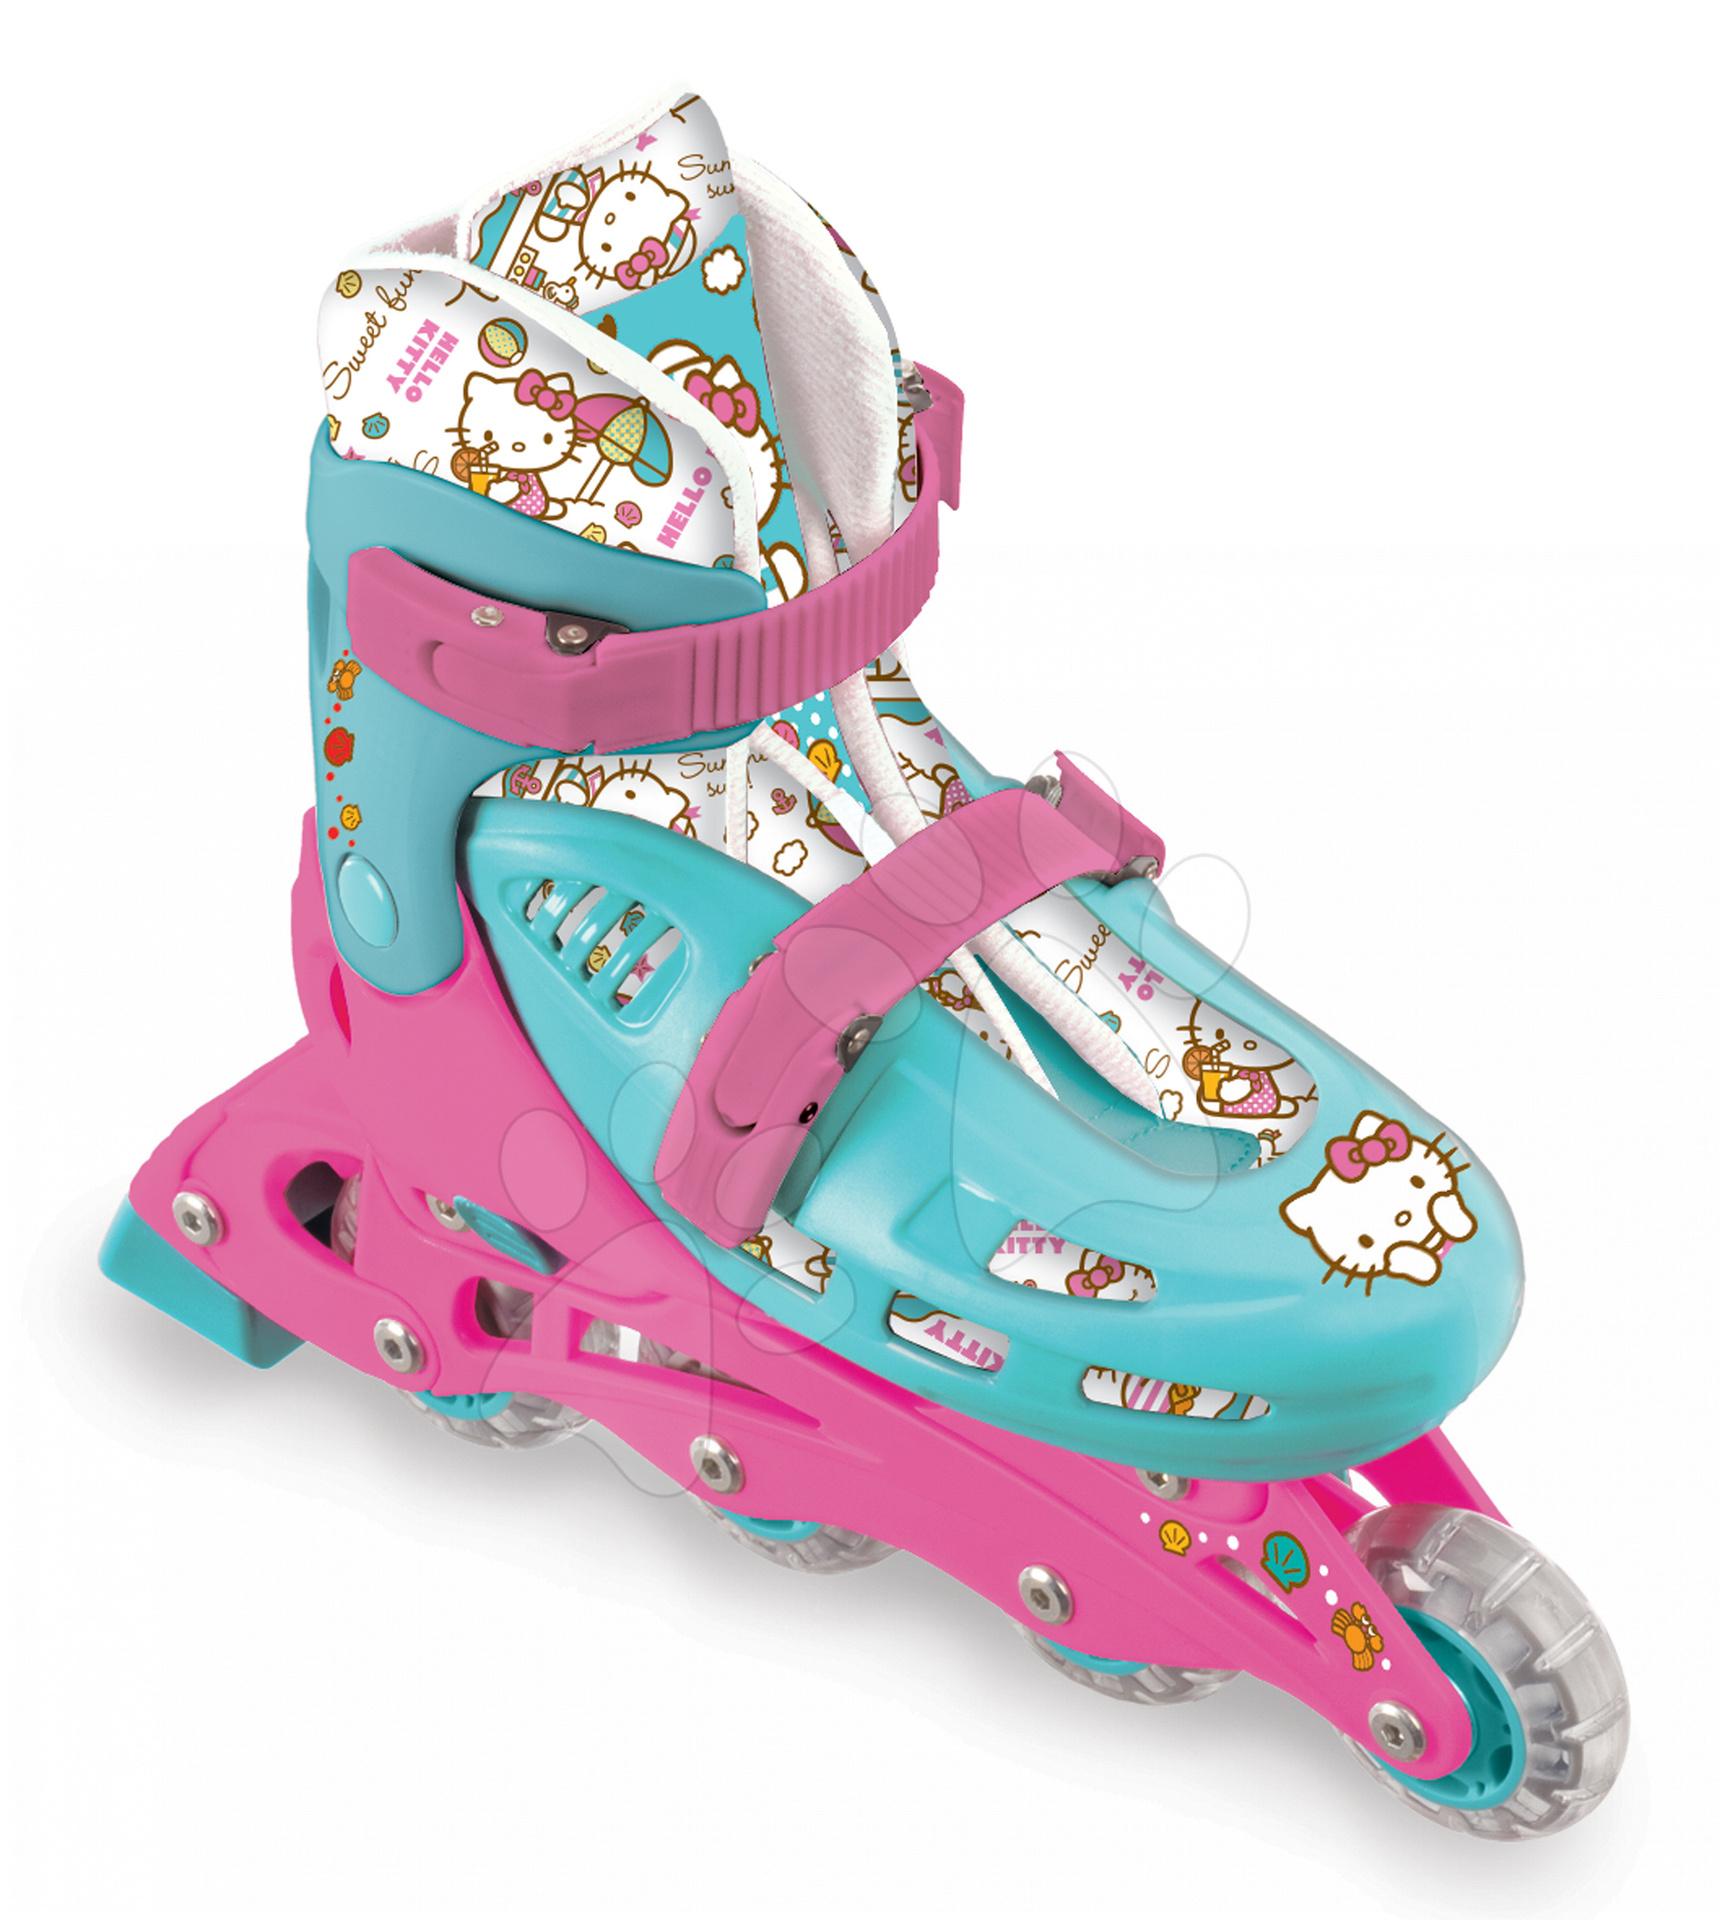 Kolečkové brusle In Line Hello Kitty Mondo velikost 33-36 od 5 let